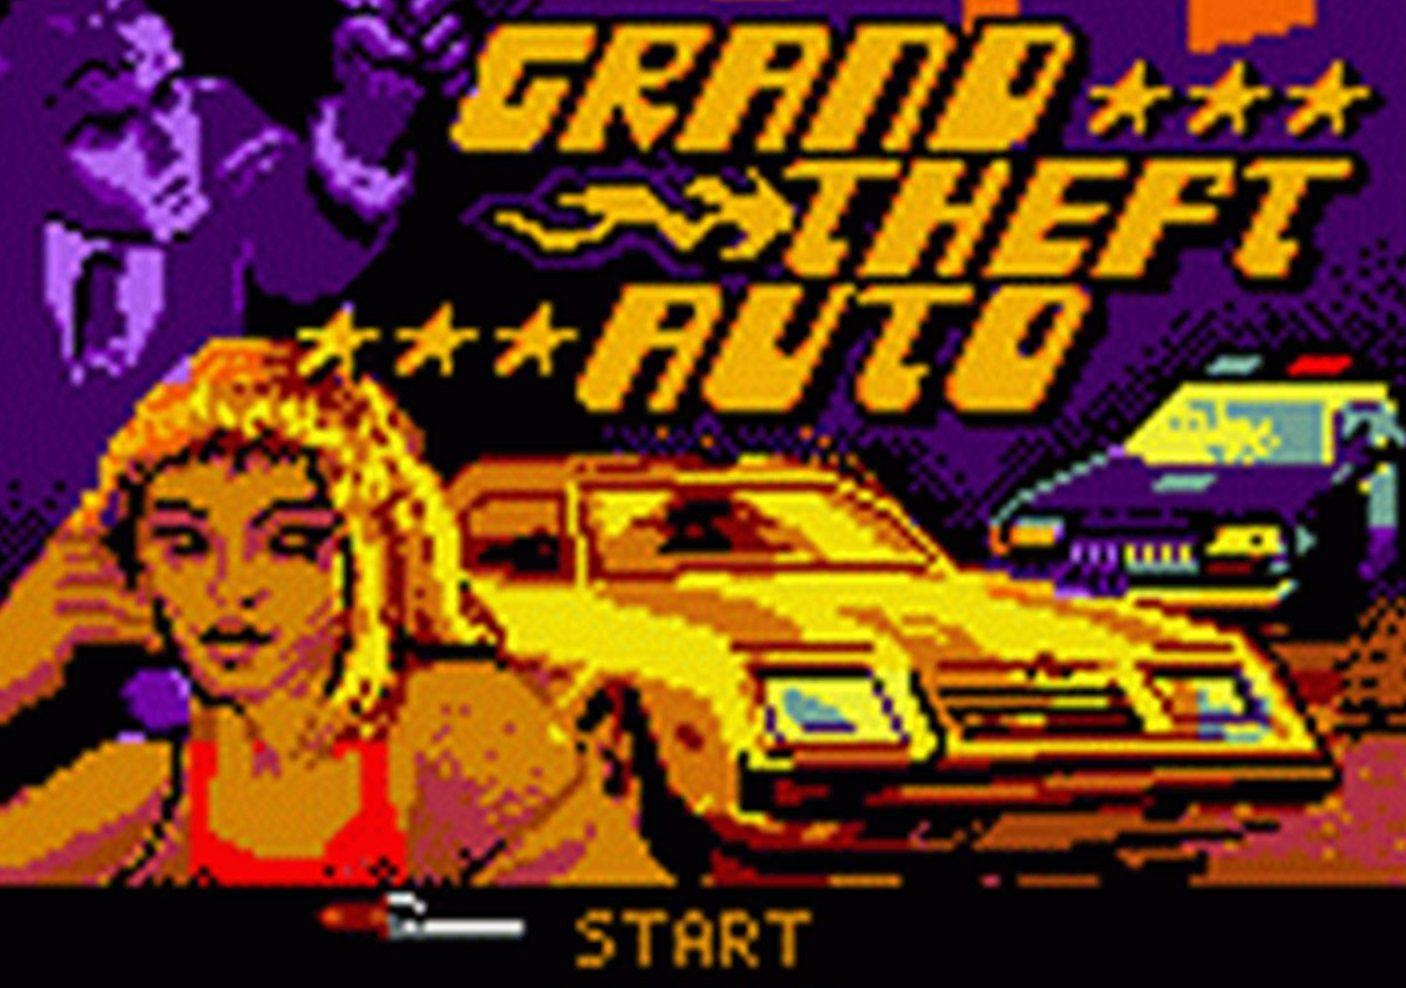 car thieves game boy gta